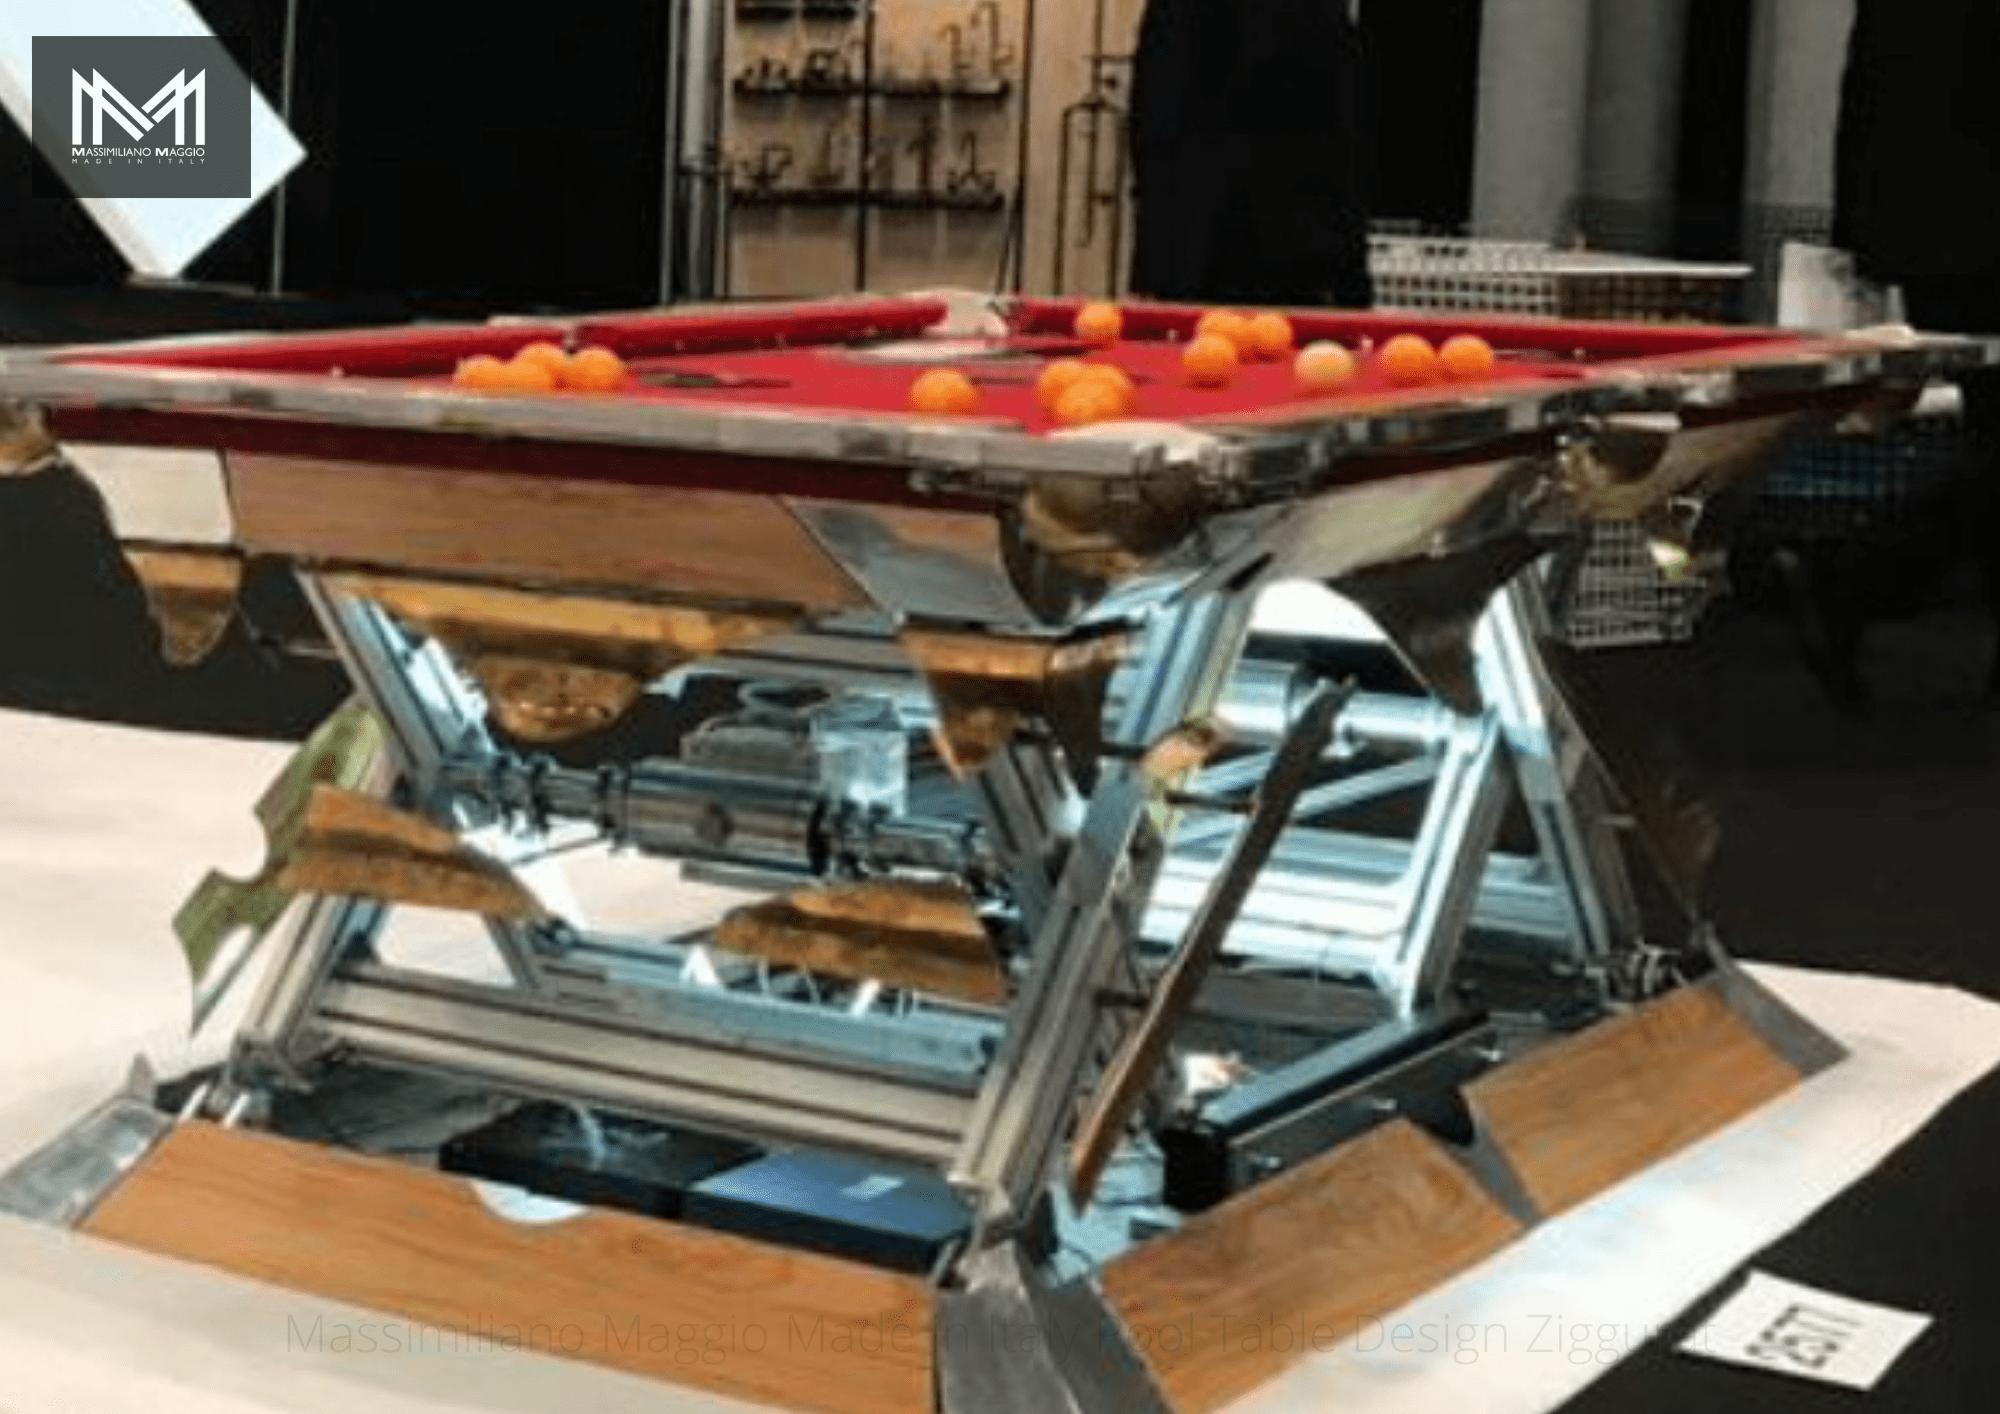 4 Revolution Massimiliano Maggio Made in Italy Luxury Pool Table biliardo tavolo